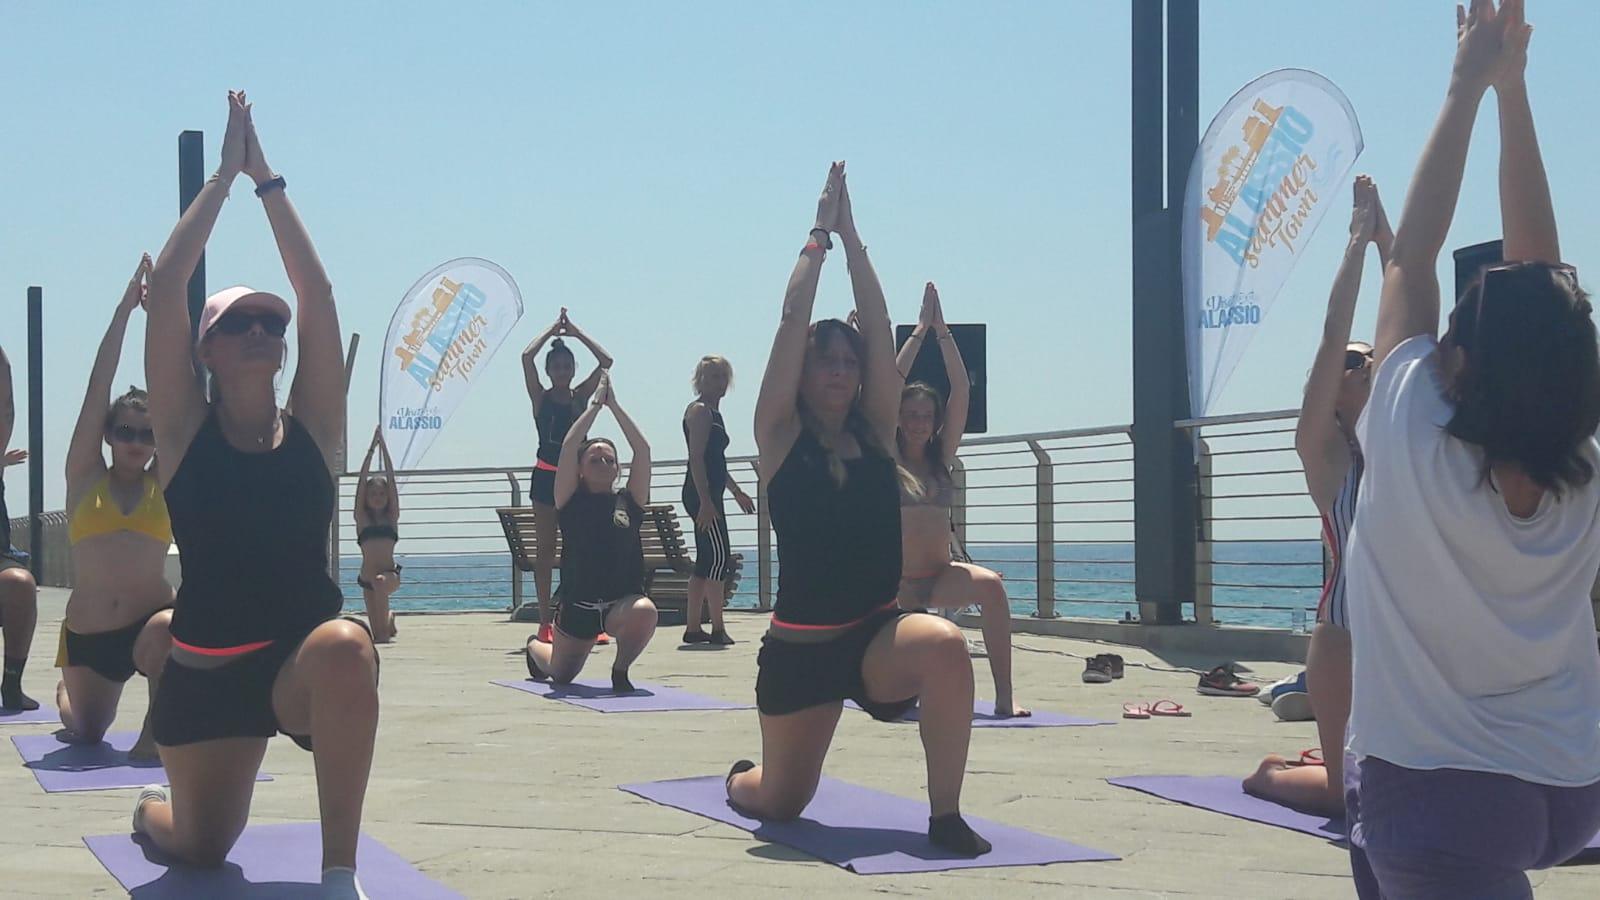 1_essere-free-yoga-gratuito-benessere-per-tutti-village-citta-alassio-estate-lucia-ragazzi-summer-town-wellness-069